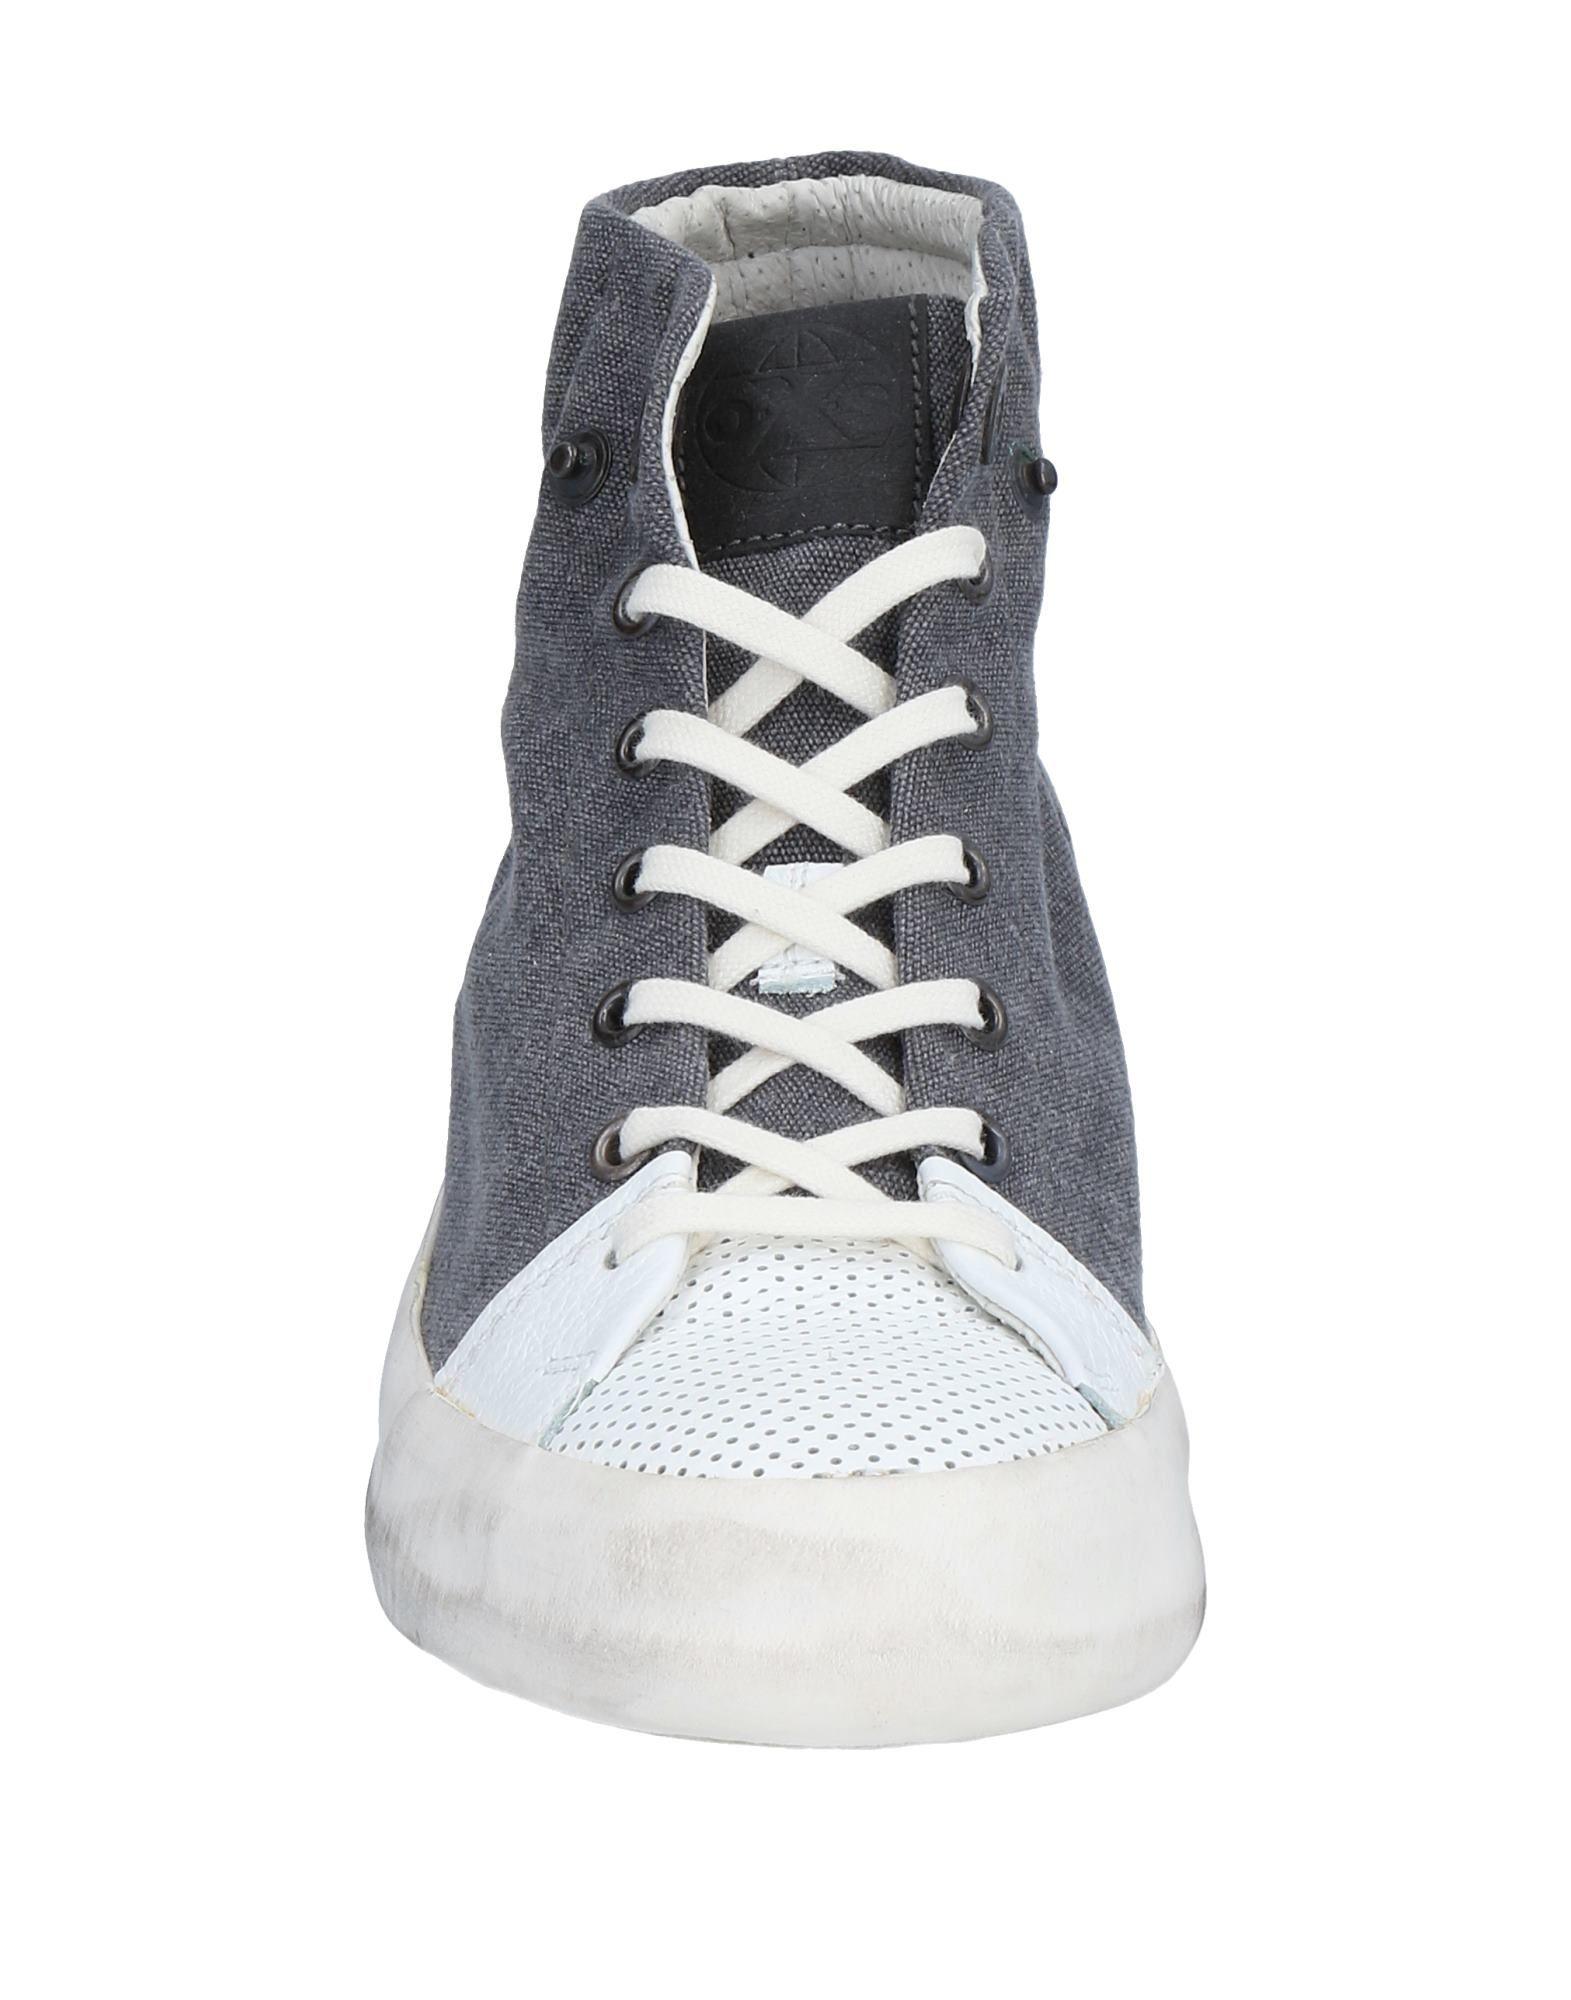 O.X.S. Sneakers Damen beliebte  11527997PK Gute Qualität beliebte Damen Schuhe bf8874